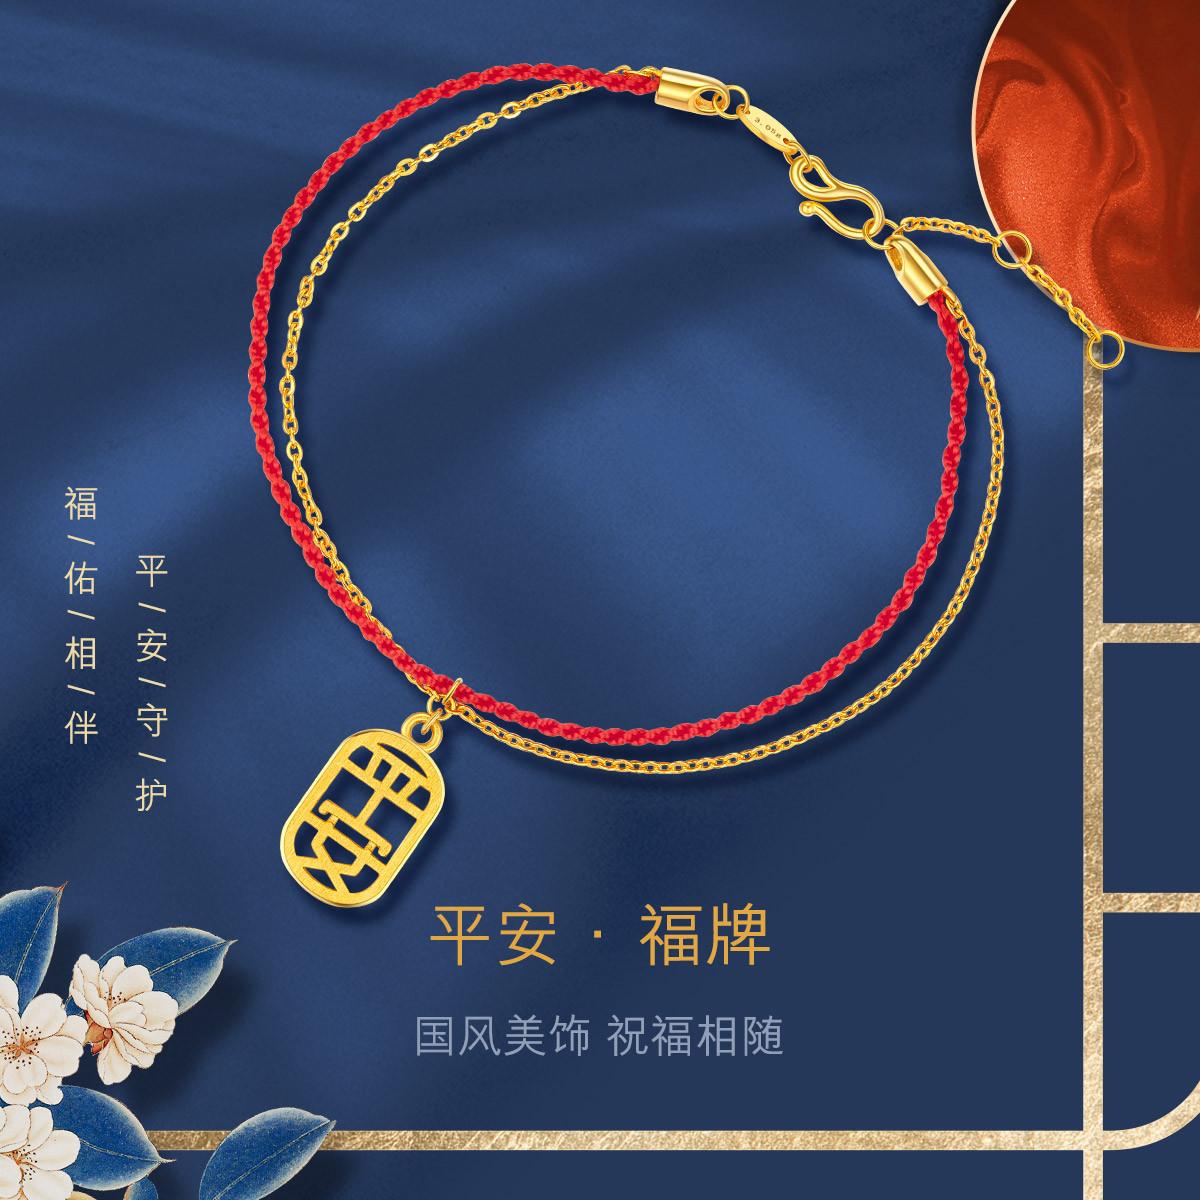 六福珠宝六福珠宝黄金手链平安字牌足金红手绳计价L07TBGB0007